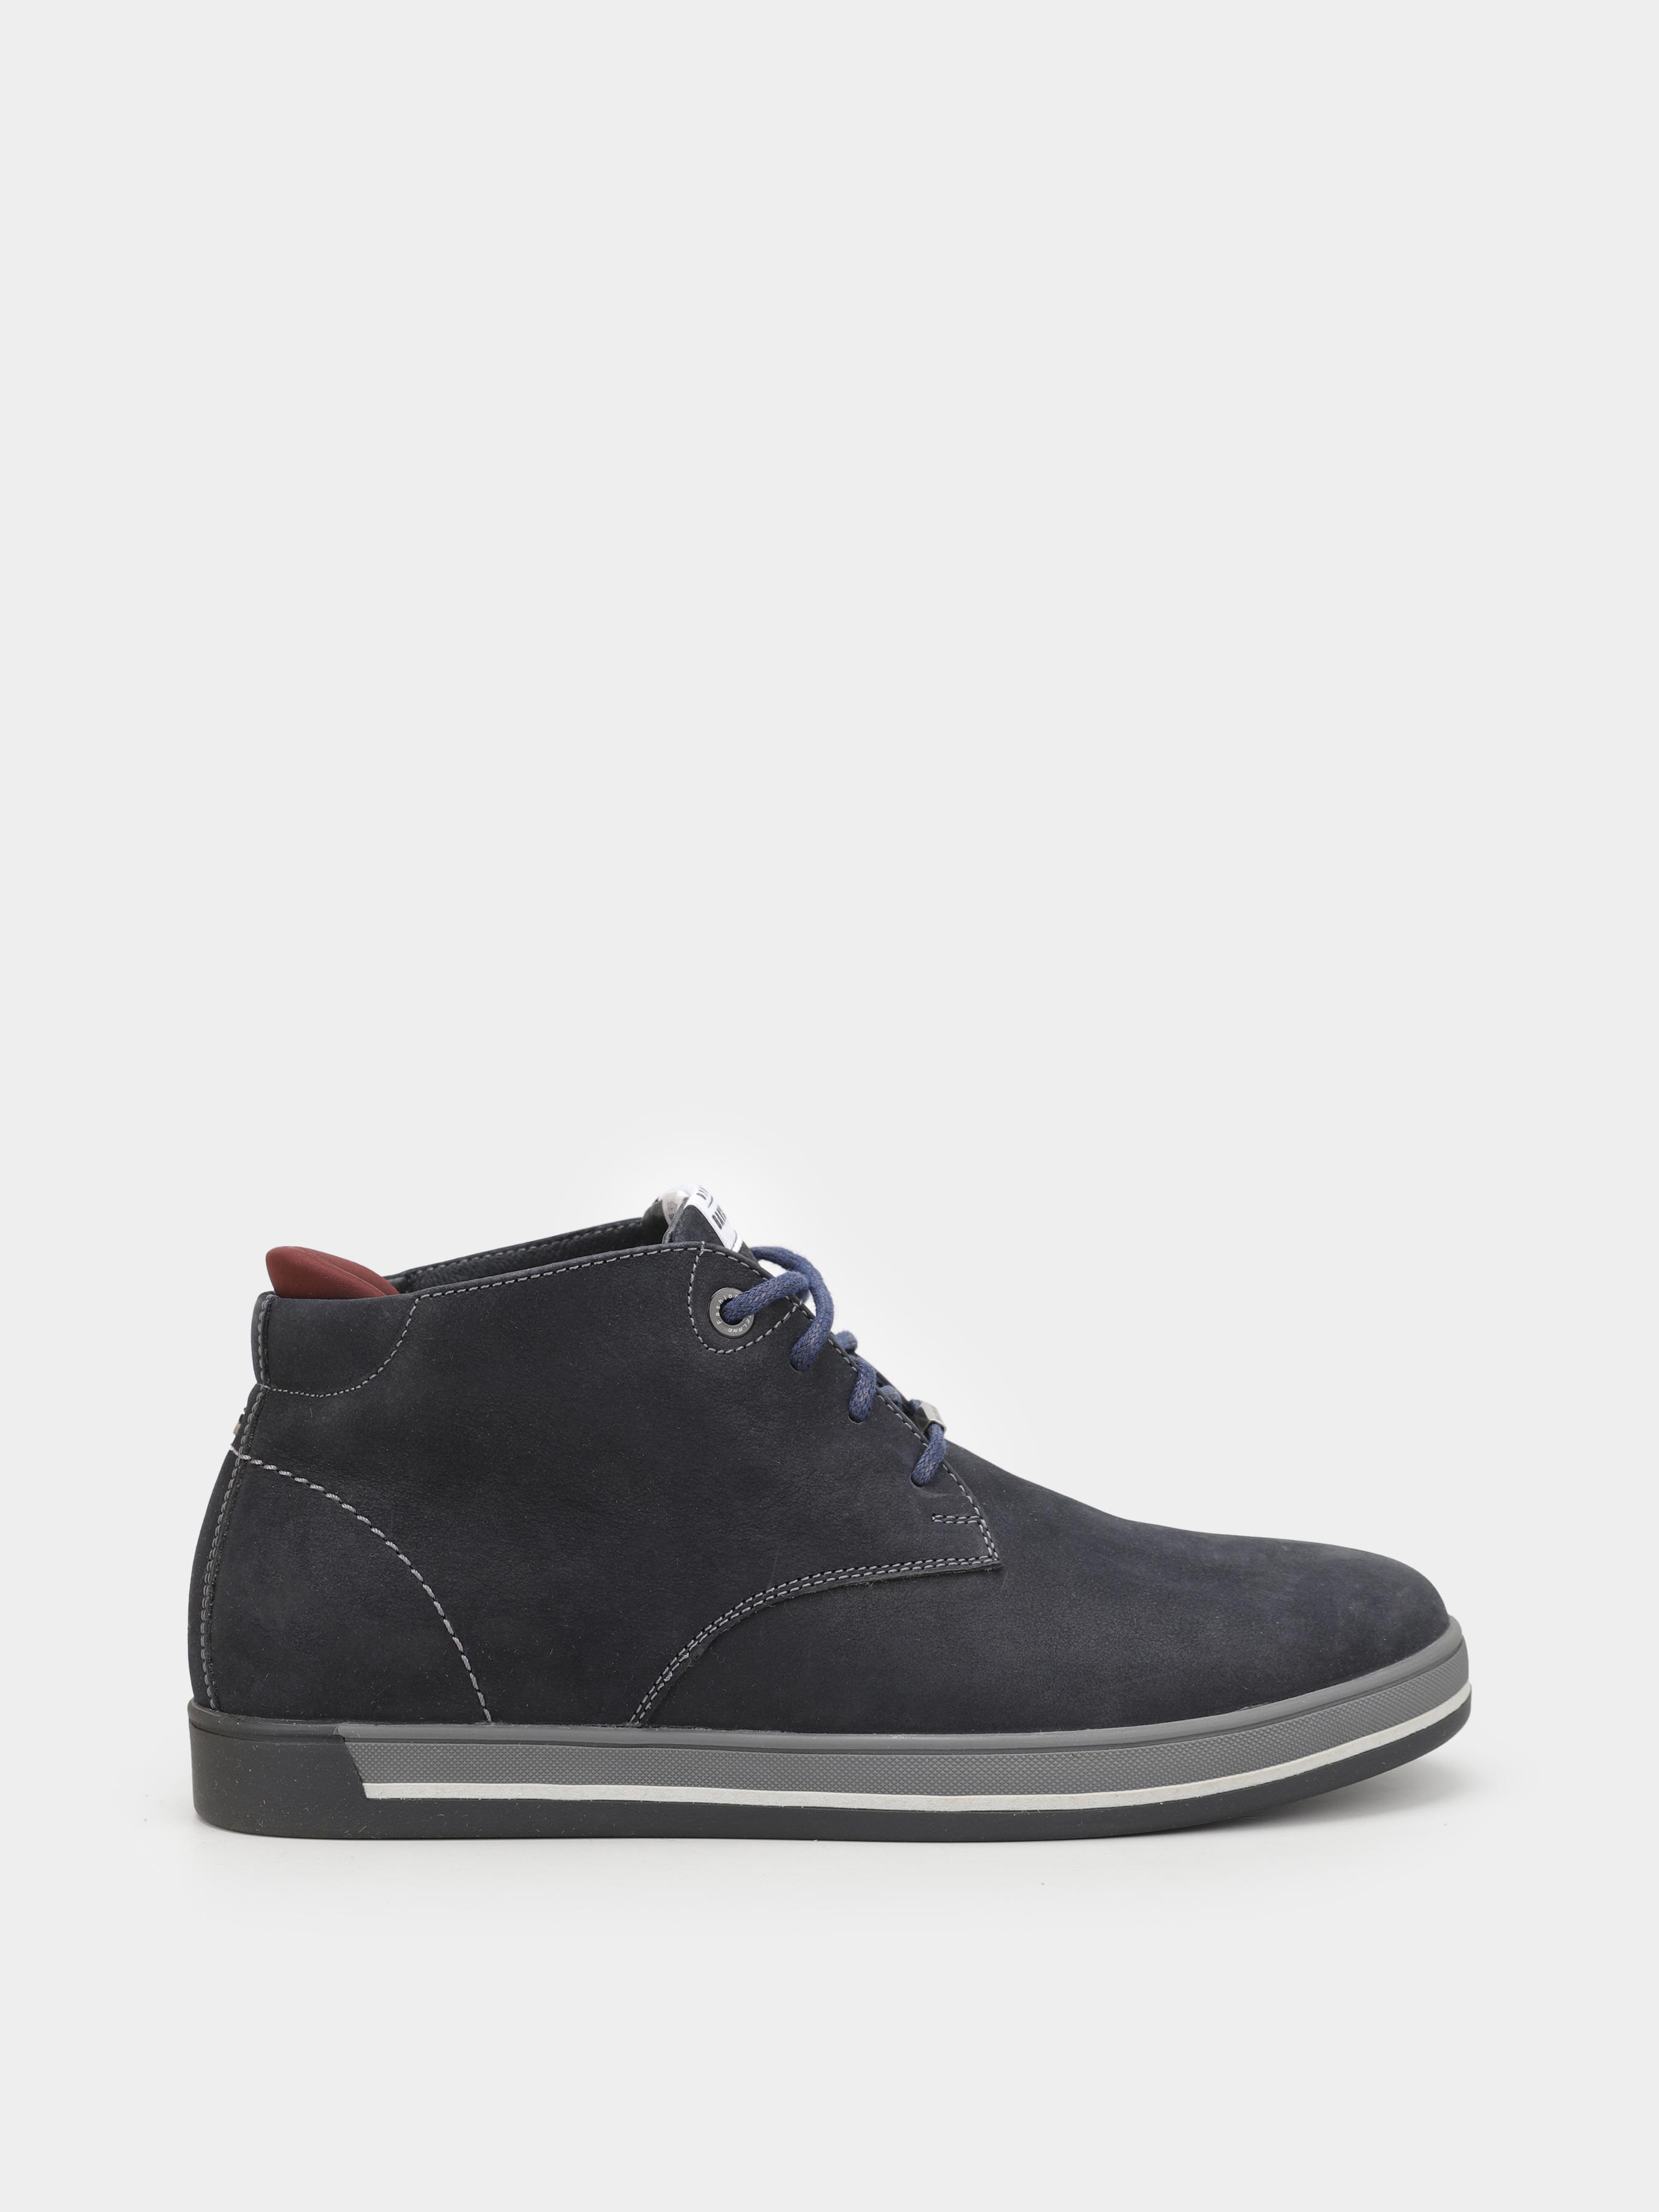 Напівчеревики  для чоловіків Davis dynamic shoes 1909-63 фото, купити, 2017